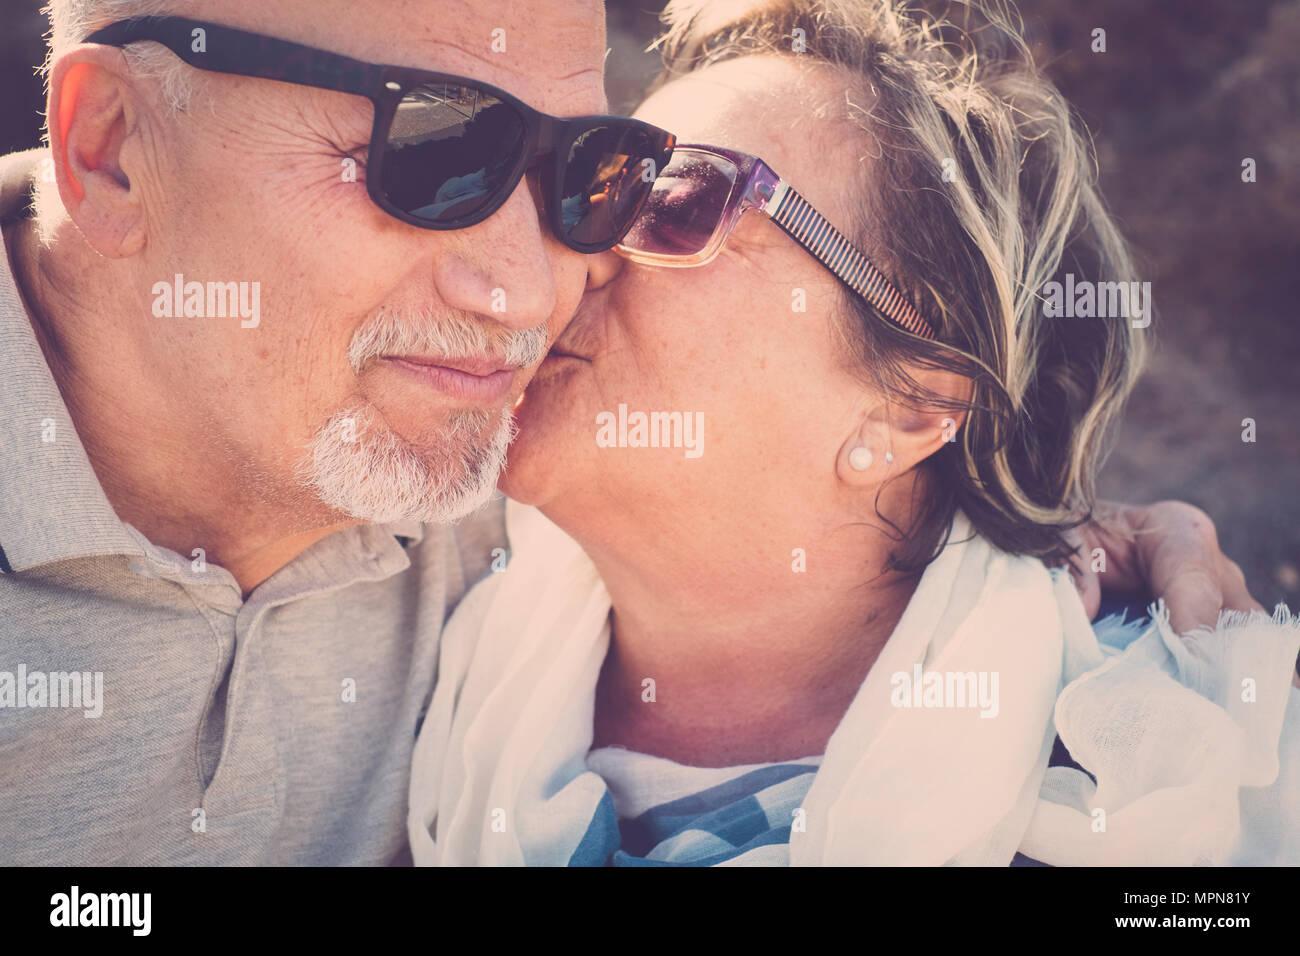 Schön liebe Momente für Zwei ältere Frau und Mann küssen mit Emotion. Close up-Szene des Lebens für immer zu leben. Lächeln und die Zeit genießen. Stockbild